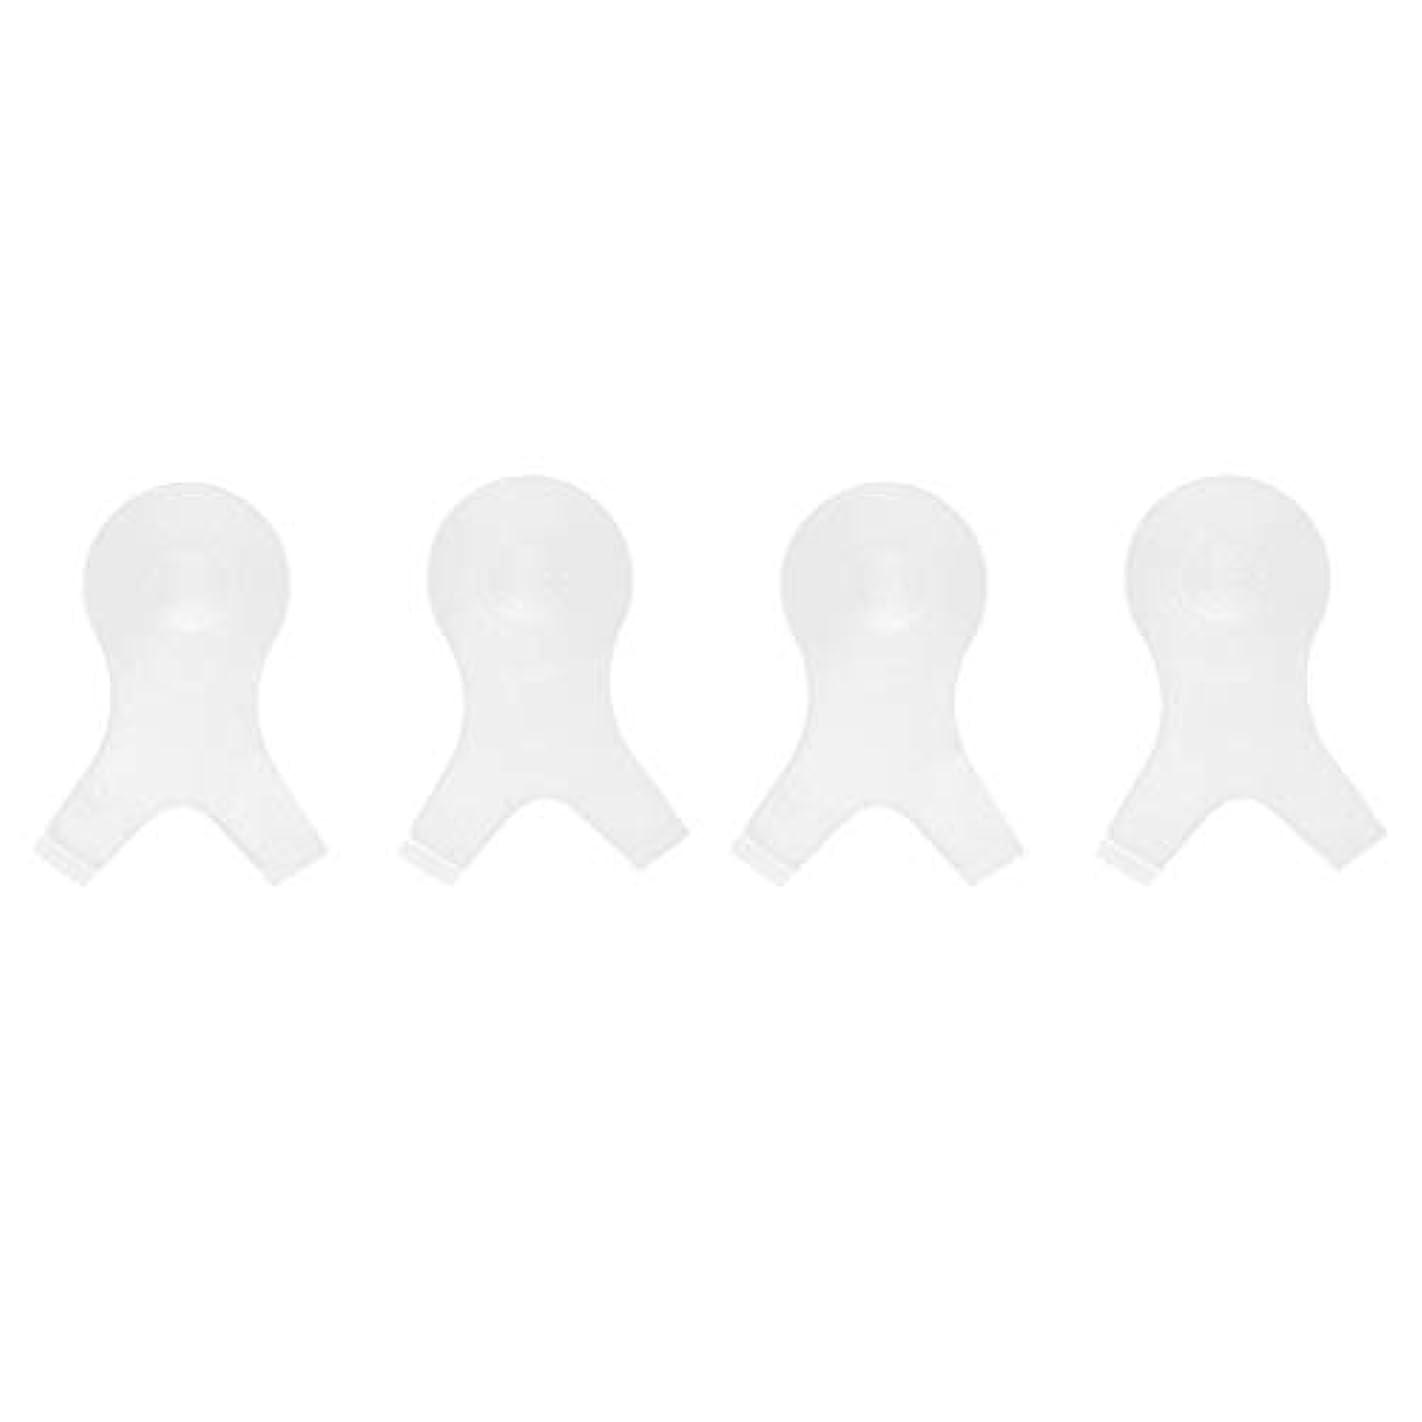 ドラゴンレザー文芸4個 Y字型 まつ毛パーシングブラシ まつ毛 エクステンションパーマ用 メイクアップツール